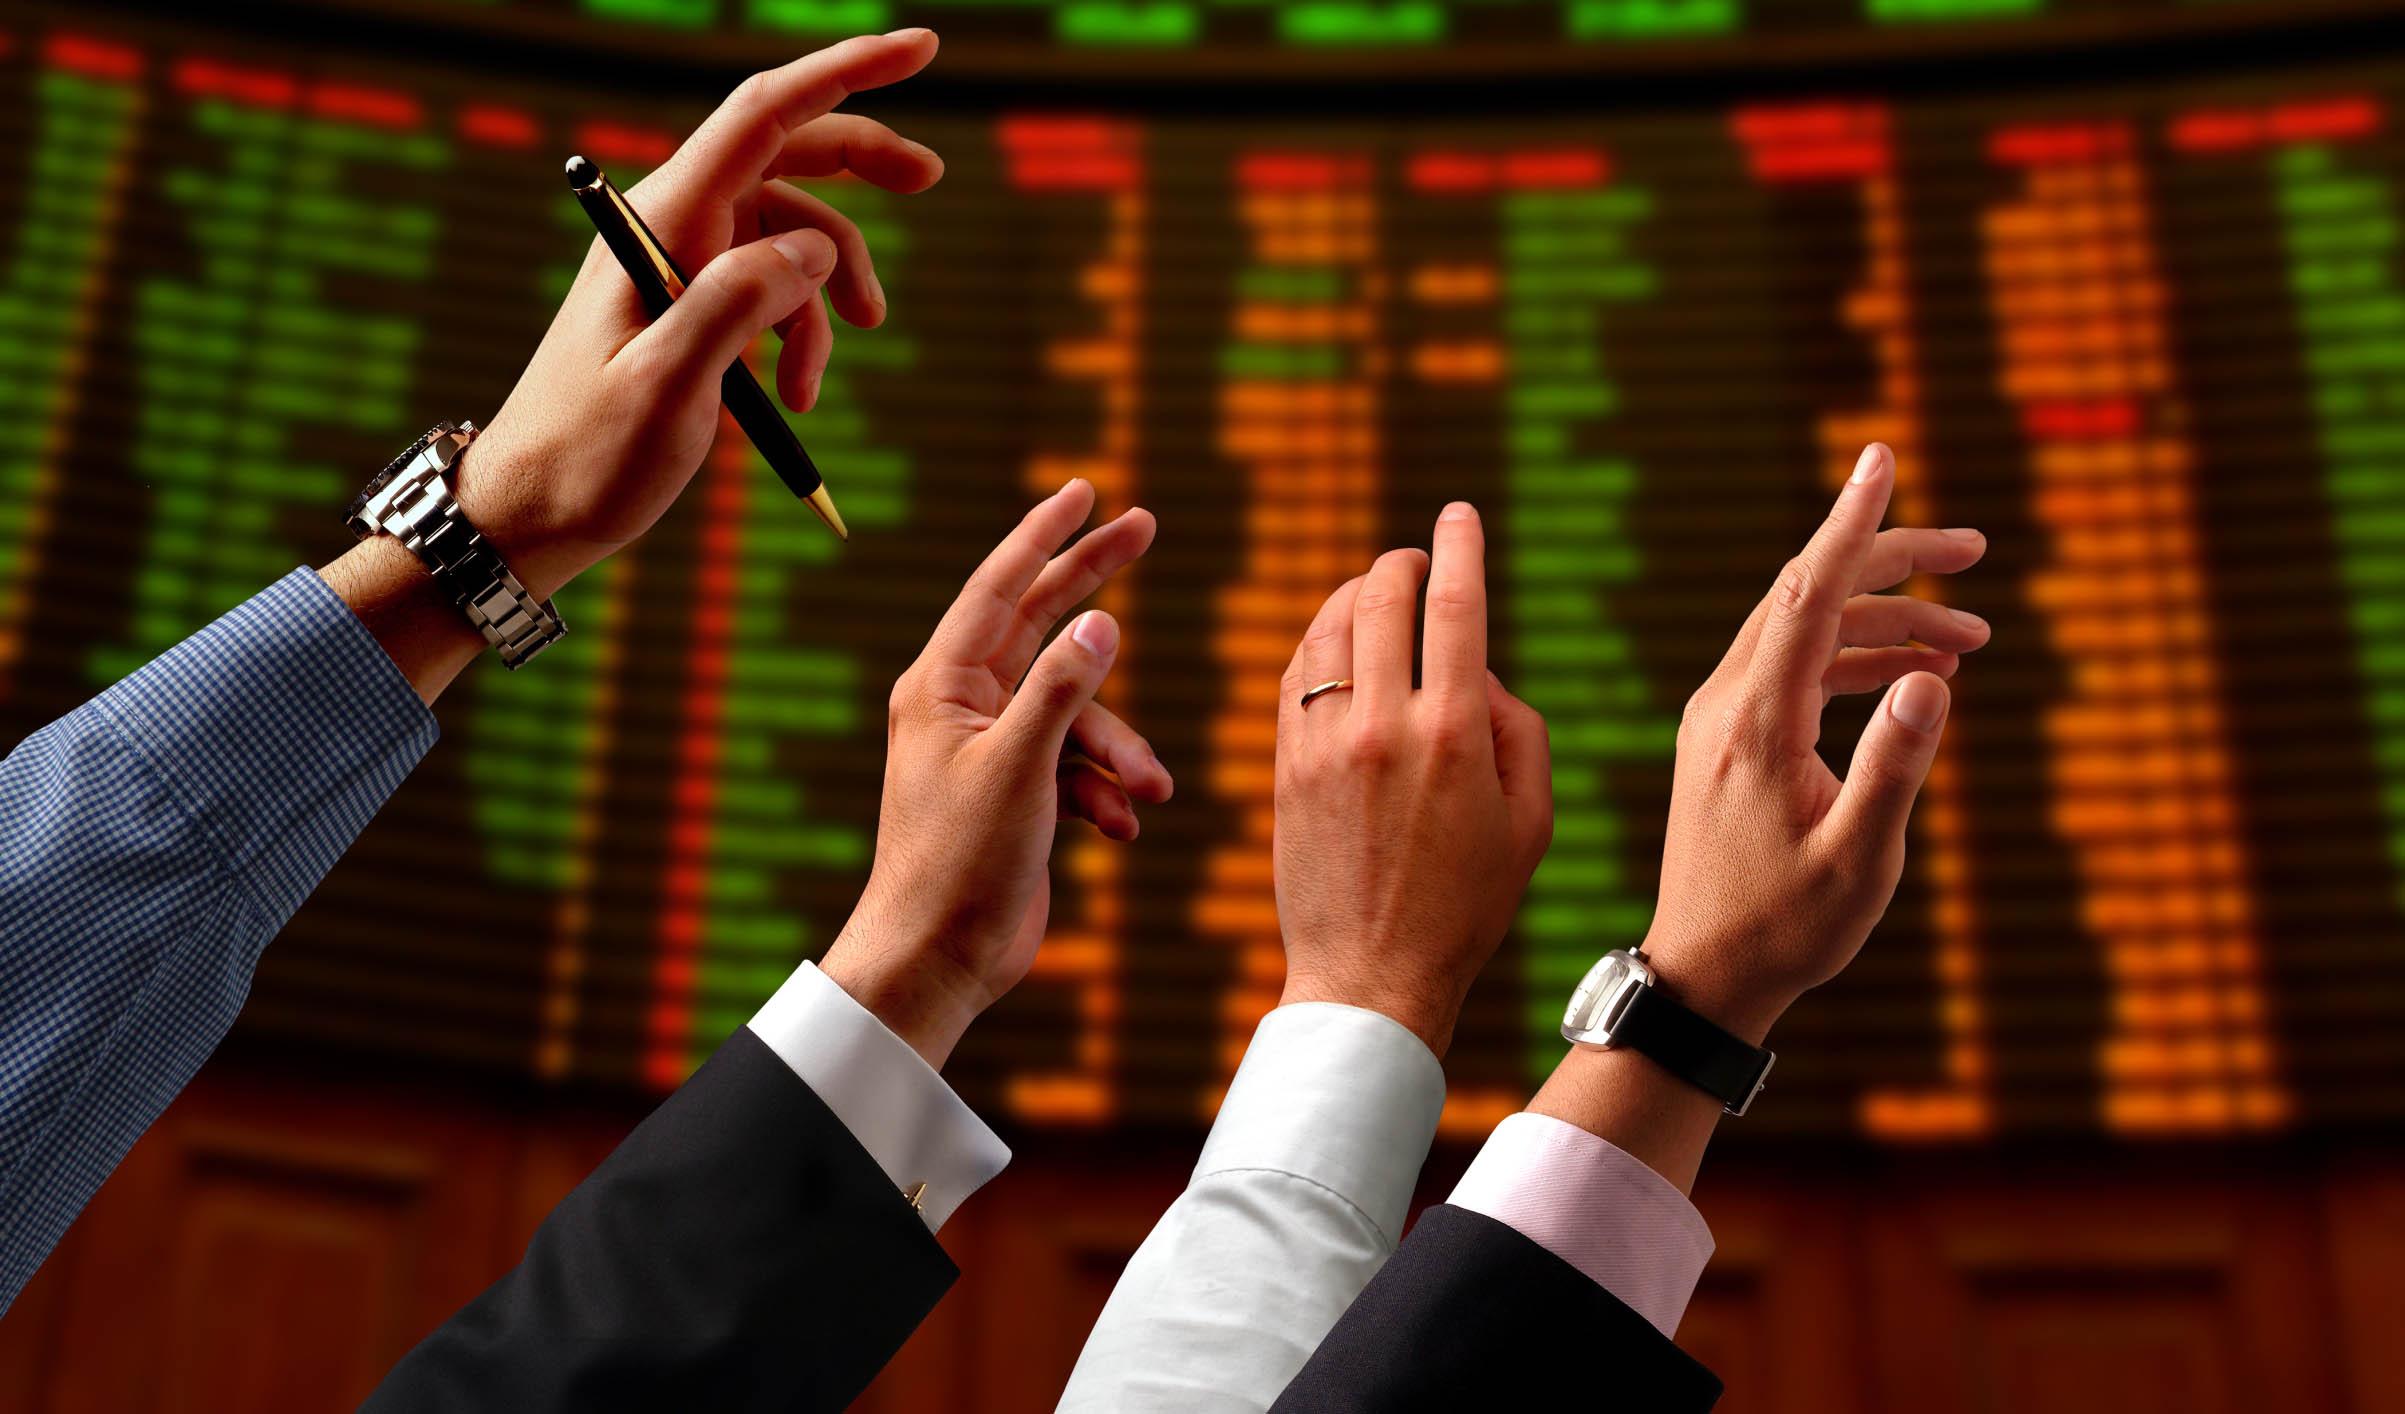 چه کسانی صدمیلیارد دلار سهام از سازمان خصوصیسازی خریداری کردهاند؟